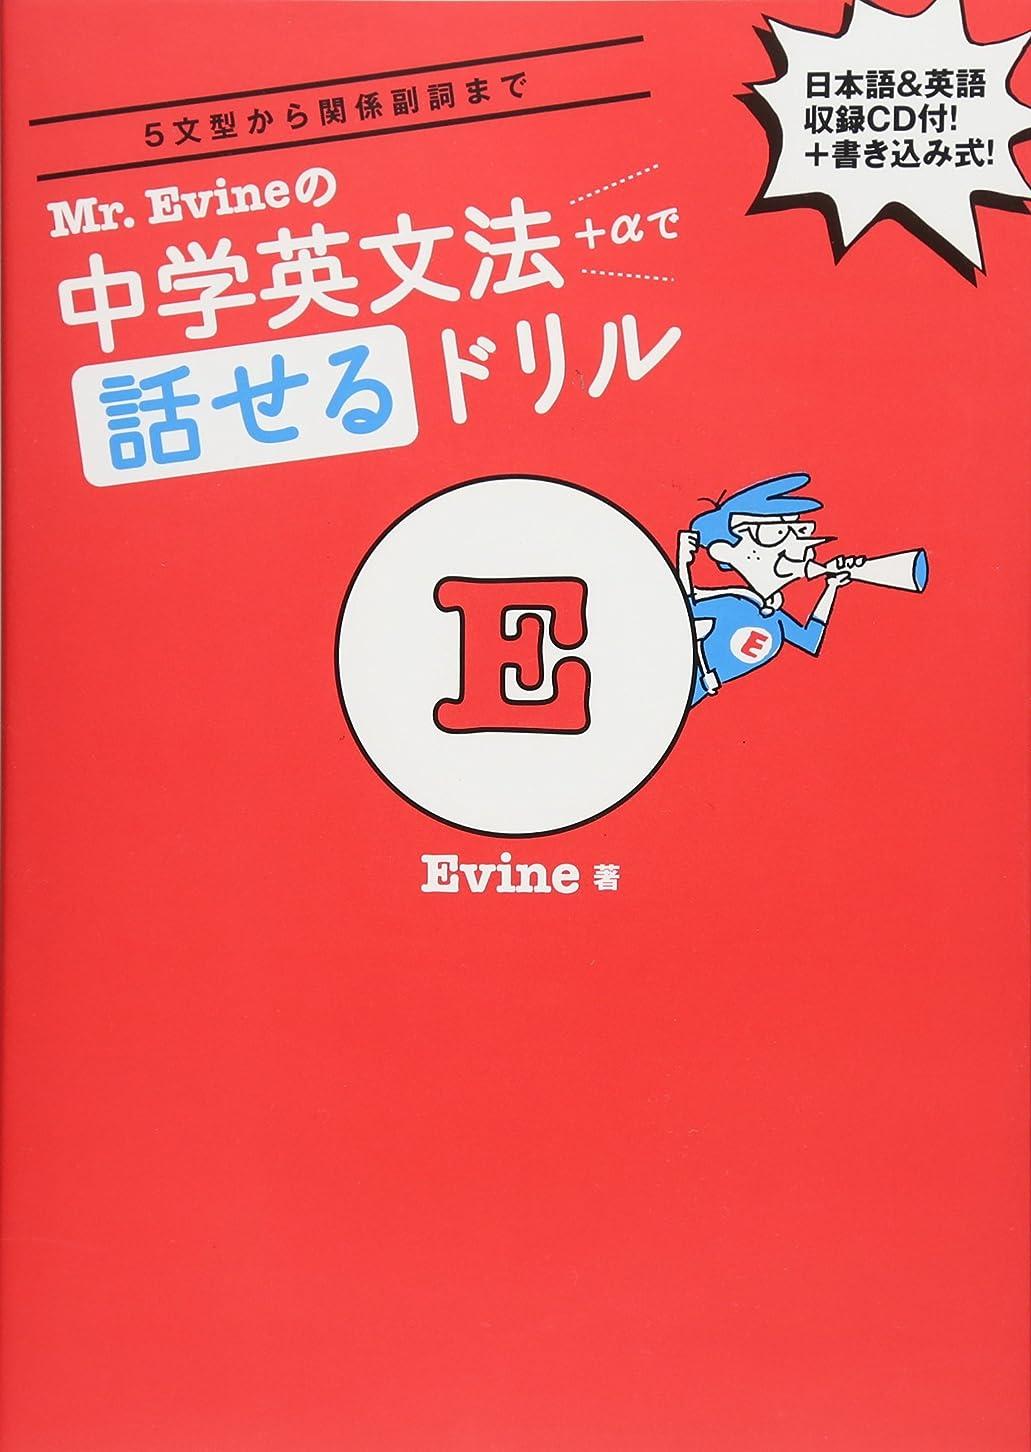 戦闘事業内容効果的に【CD付】 Mr.Evineの中学英文法+αで話せるドリル (Mr. Evine シリーズ)